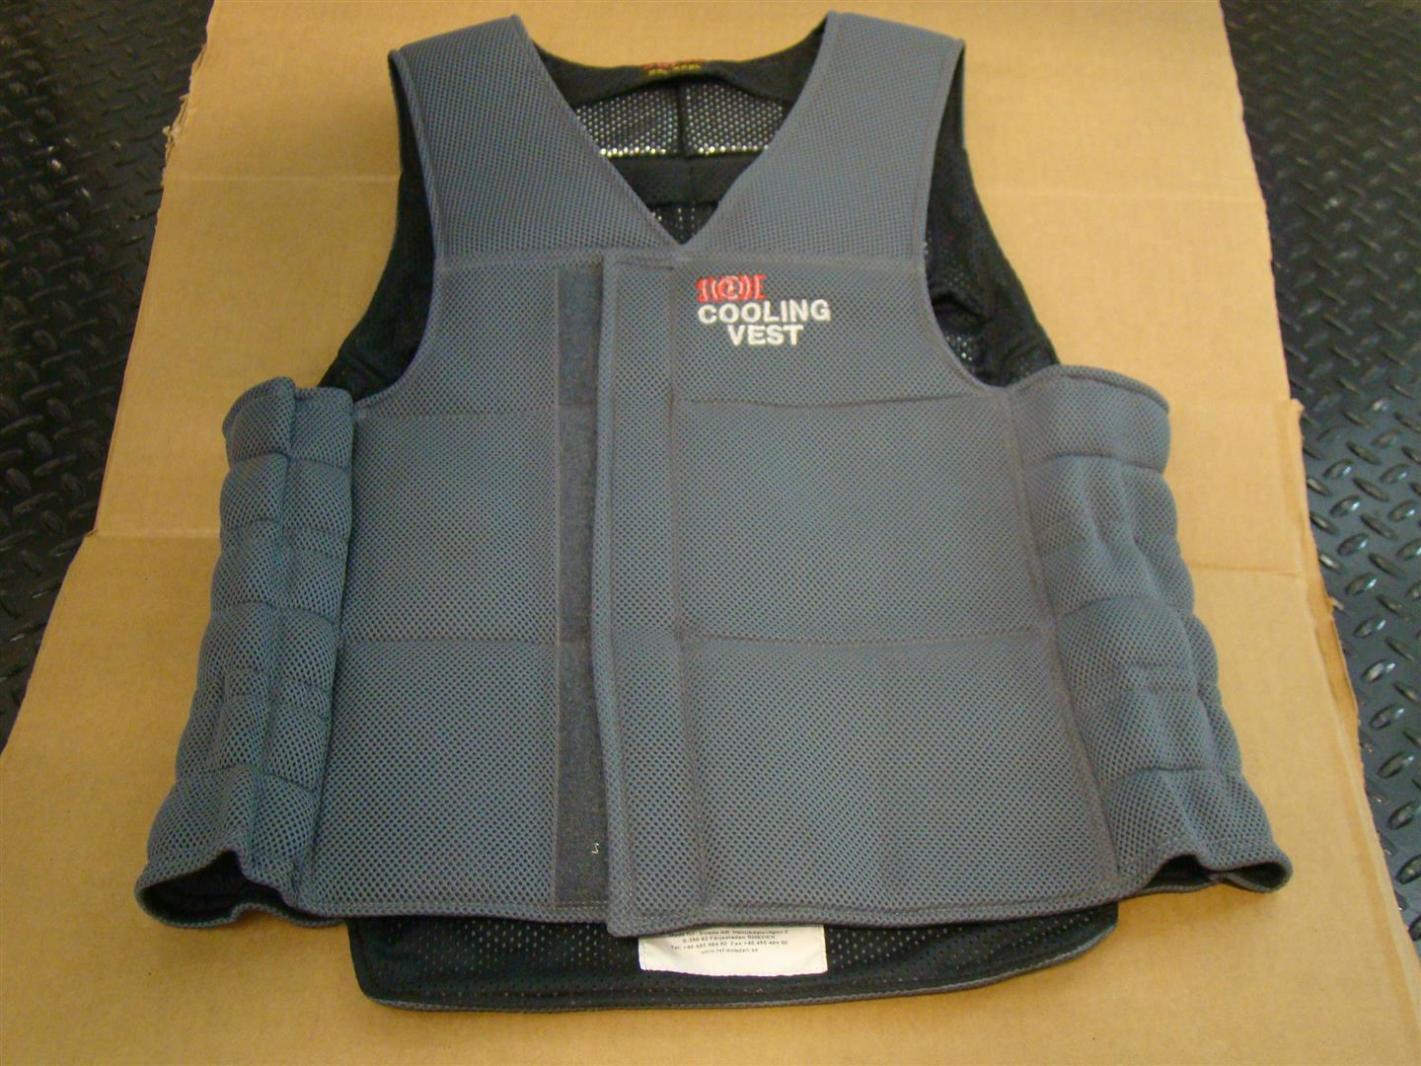 Cooling Vest: Cooling Vest Technology